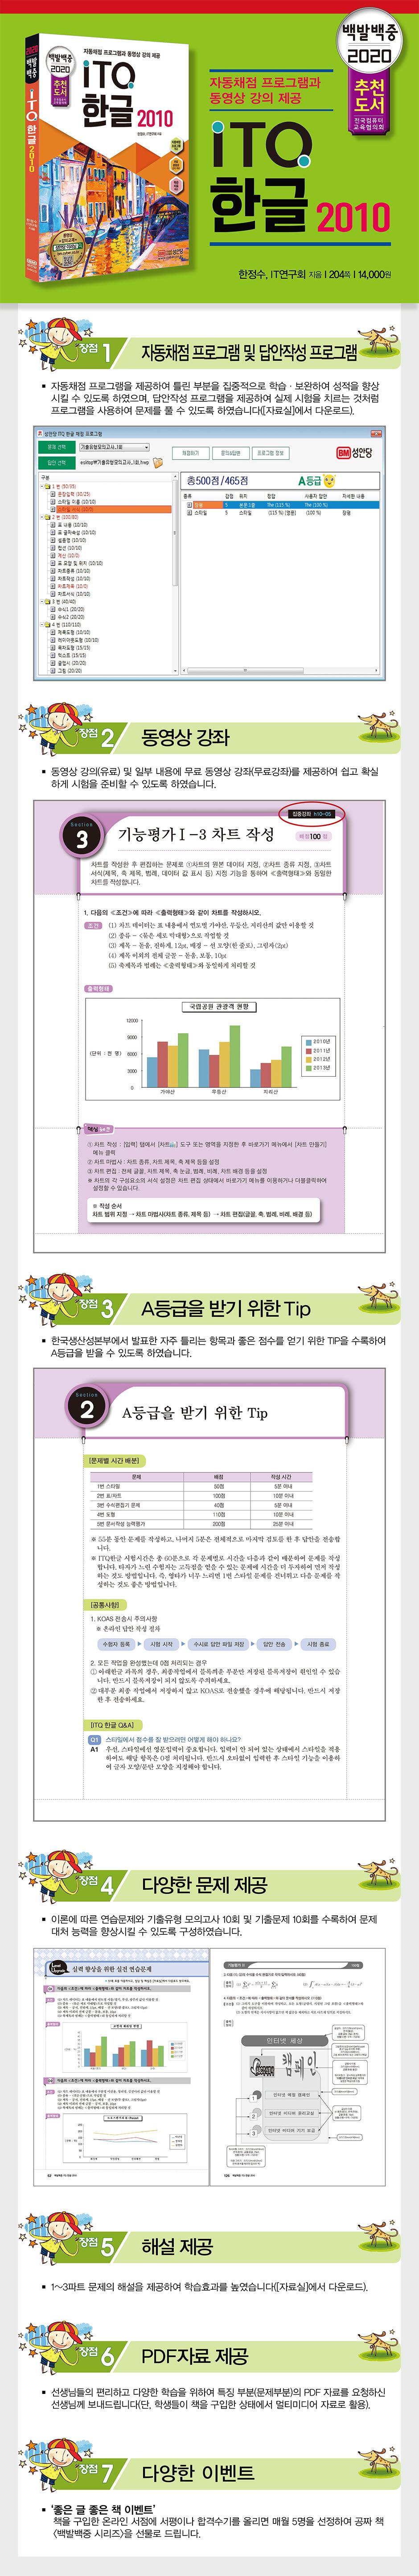 5603 ITQ한글2010 온라인상세페이지940